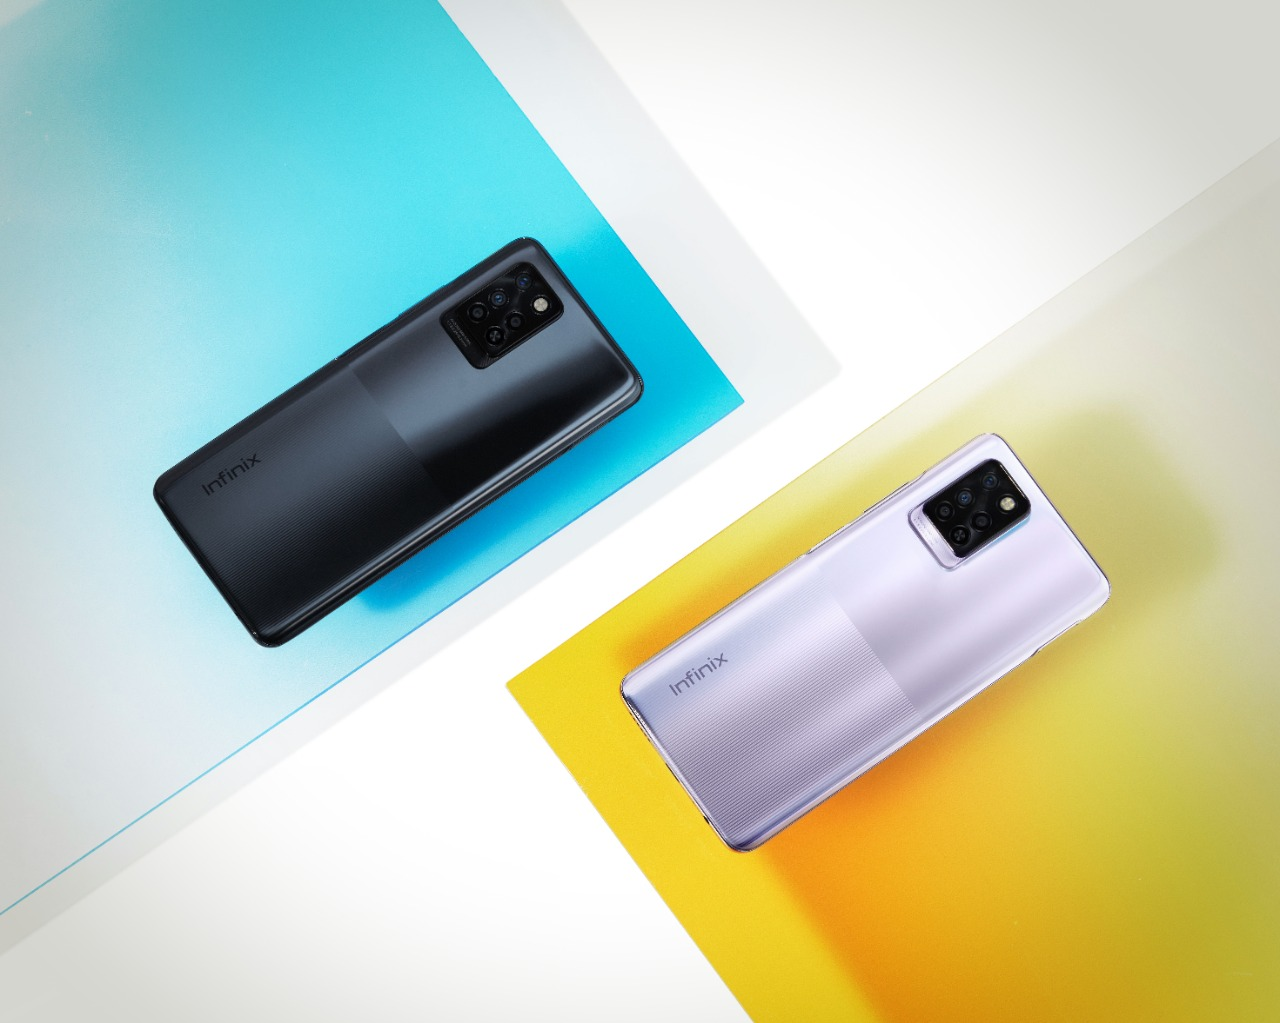 قريباً.. سلسلة هواتف Note 10 في السوق المصري Infinix تقترب من إطلاق سلسلة هواتف Note 10 في السوق المصري